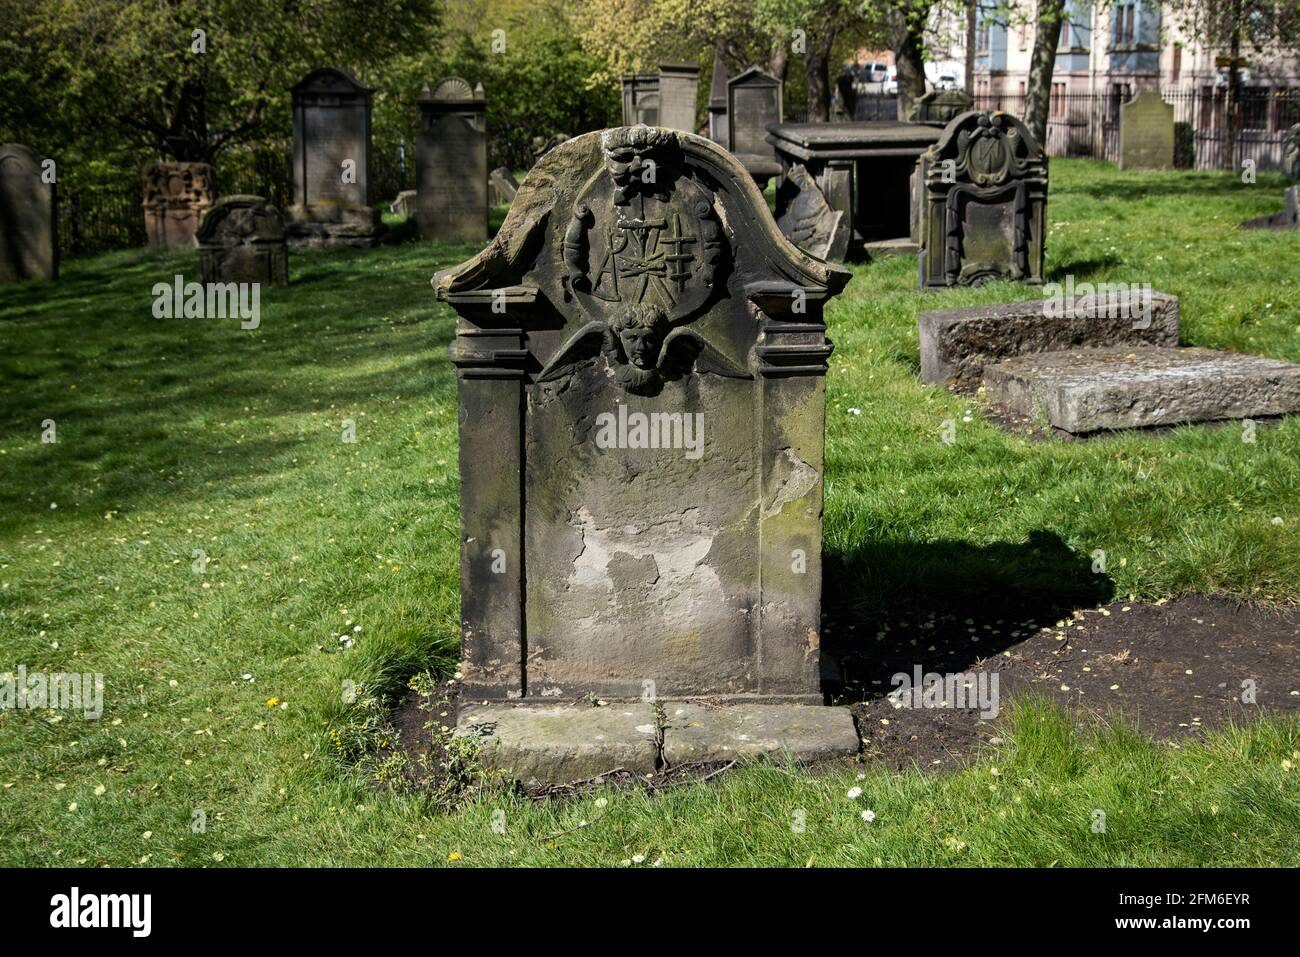 Pierre d'amont du XVIIIe siècle dans le nord de Leith Burial Ground, Édimbourg, Écosse, Royaume-Uni. Banque D'Images